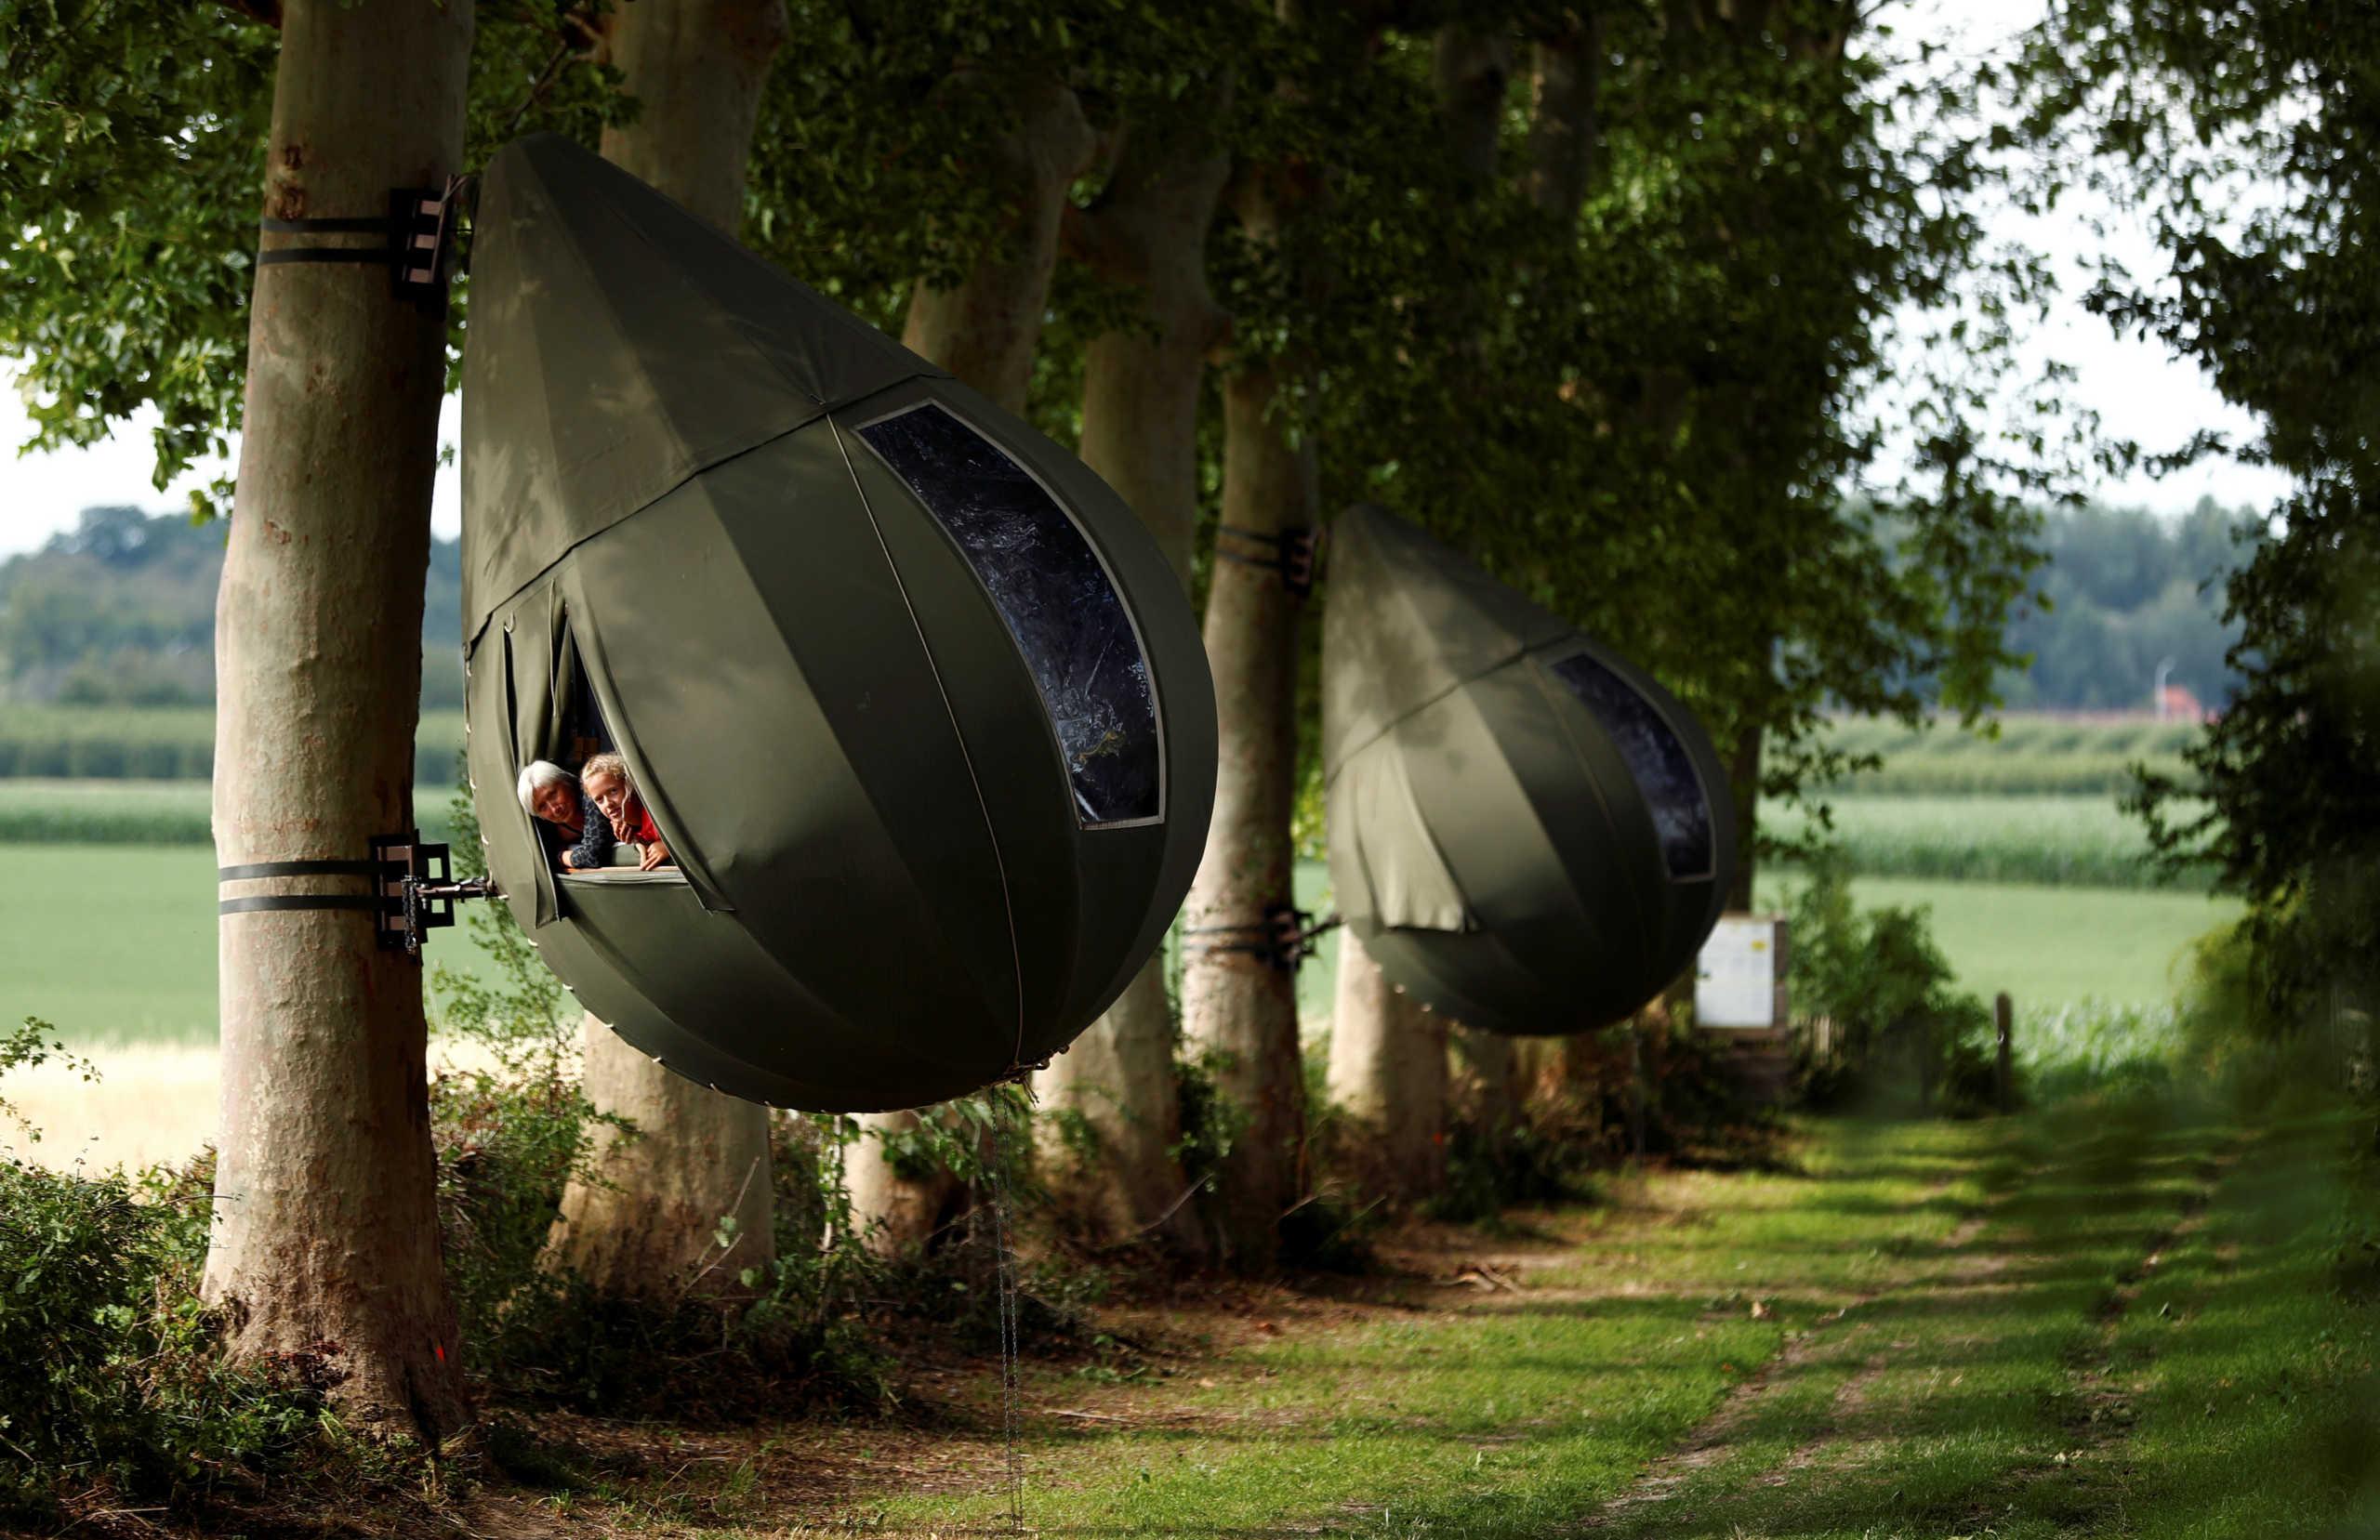 Βέλγιο: Νέα εμπειρία στις διακοπές! Σκηνή σε σχήμα δάκρυ που κρέμεται από δέντρο (pics)